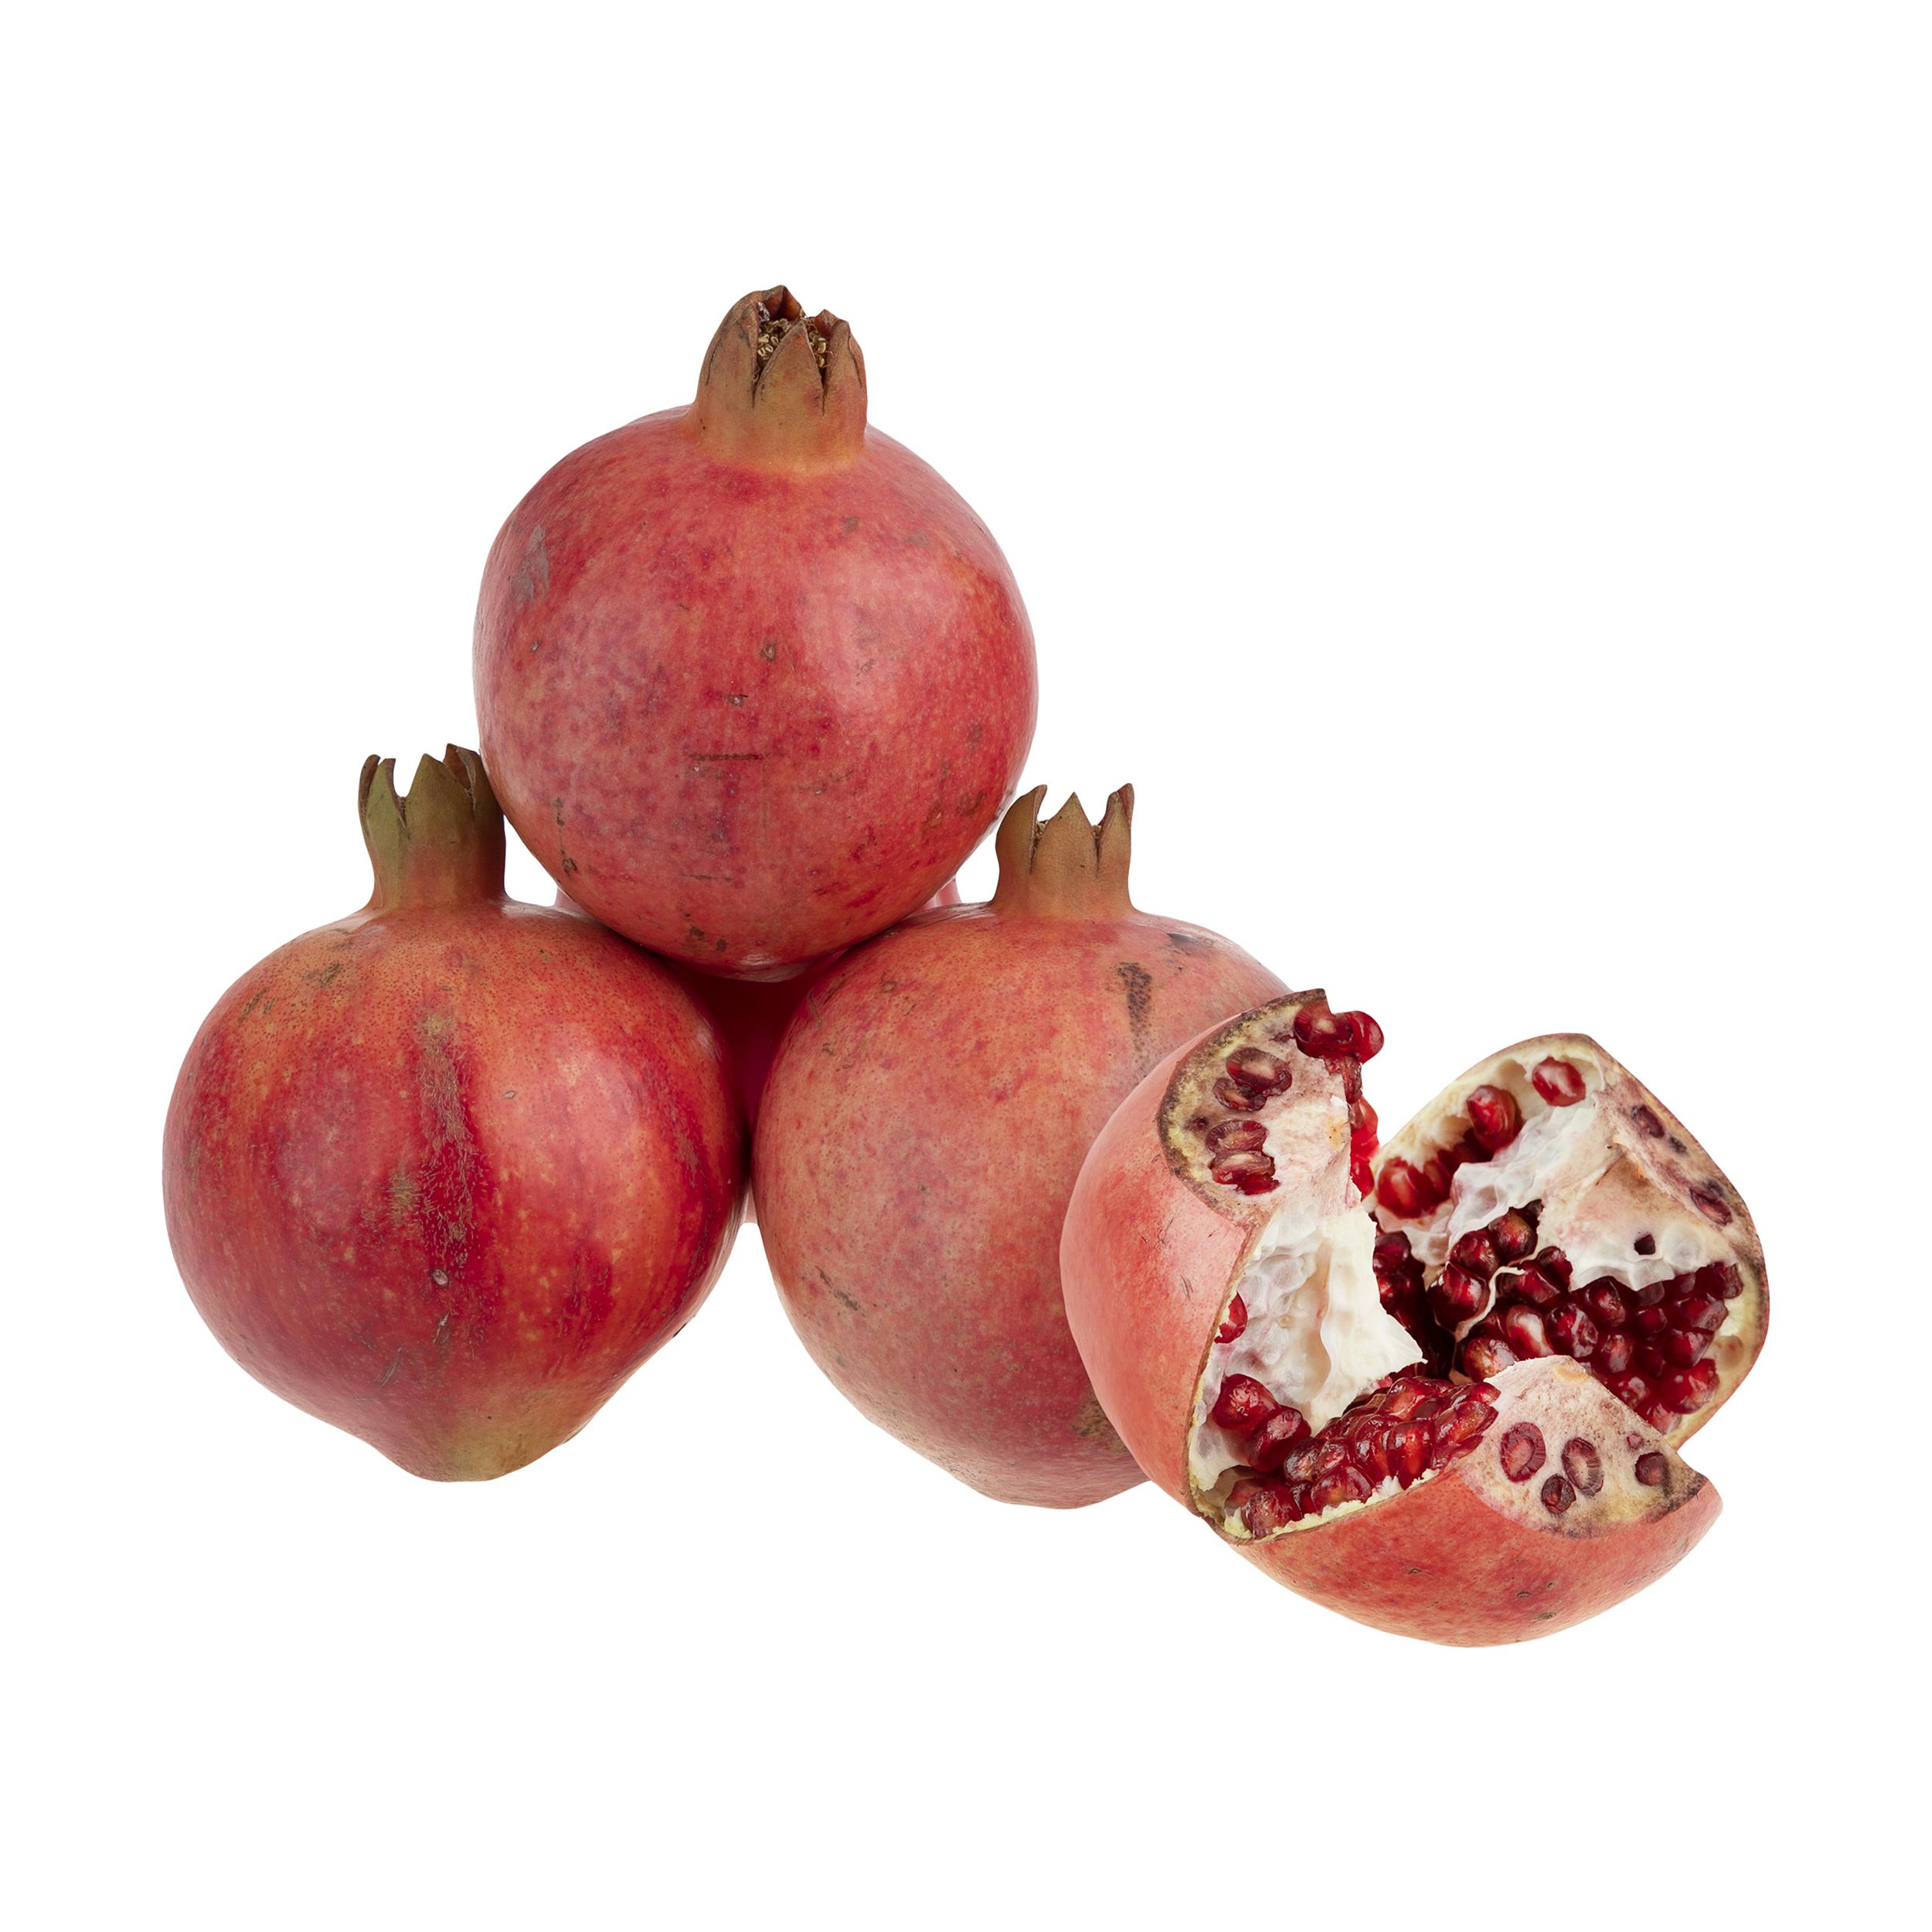 انار میوه پلاس - 1 کیلوگرم